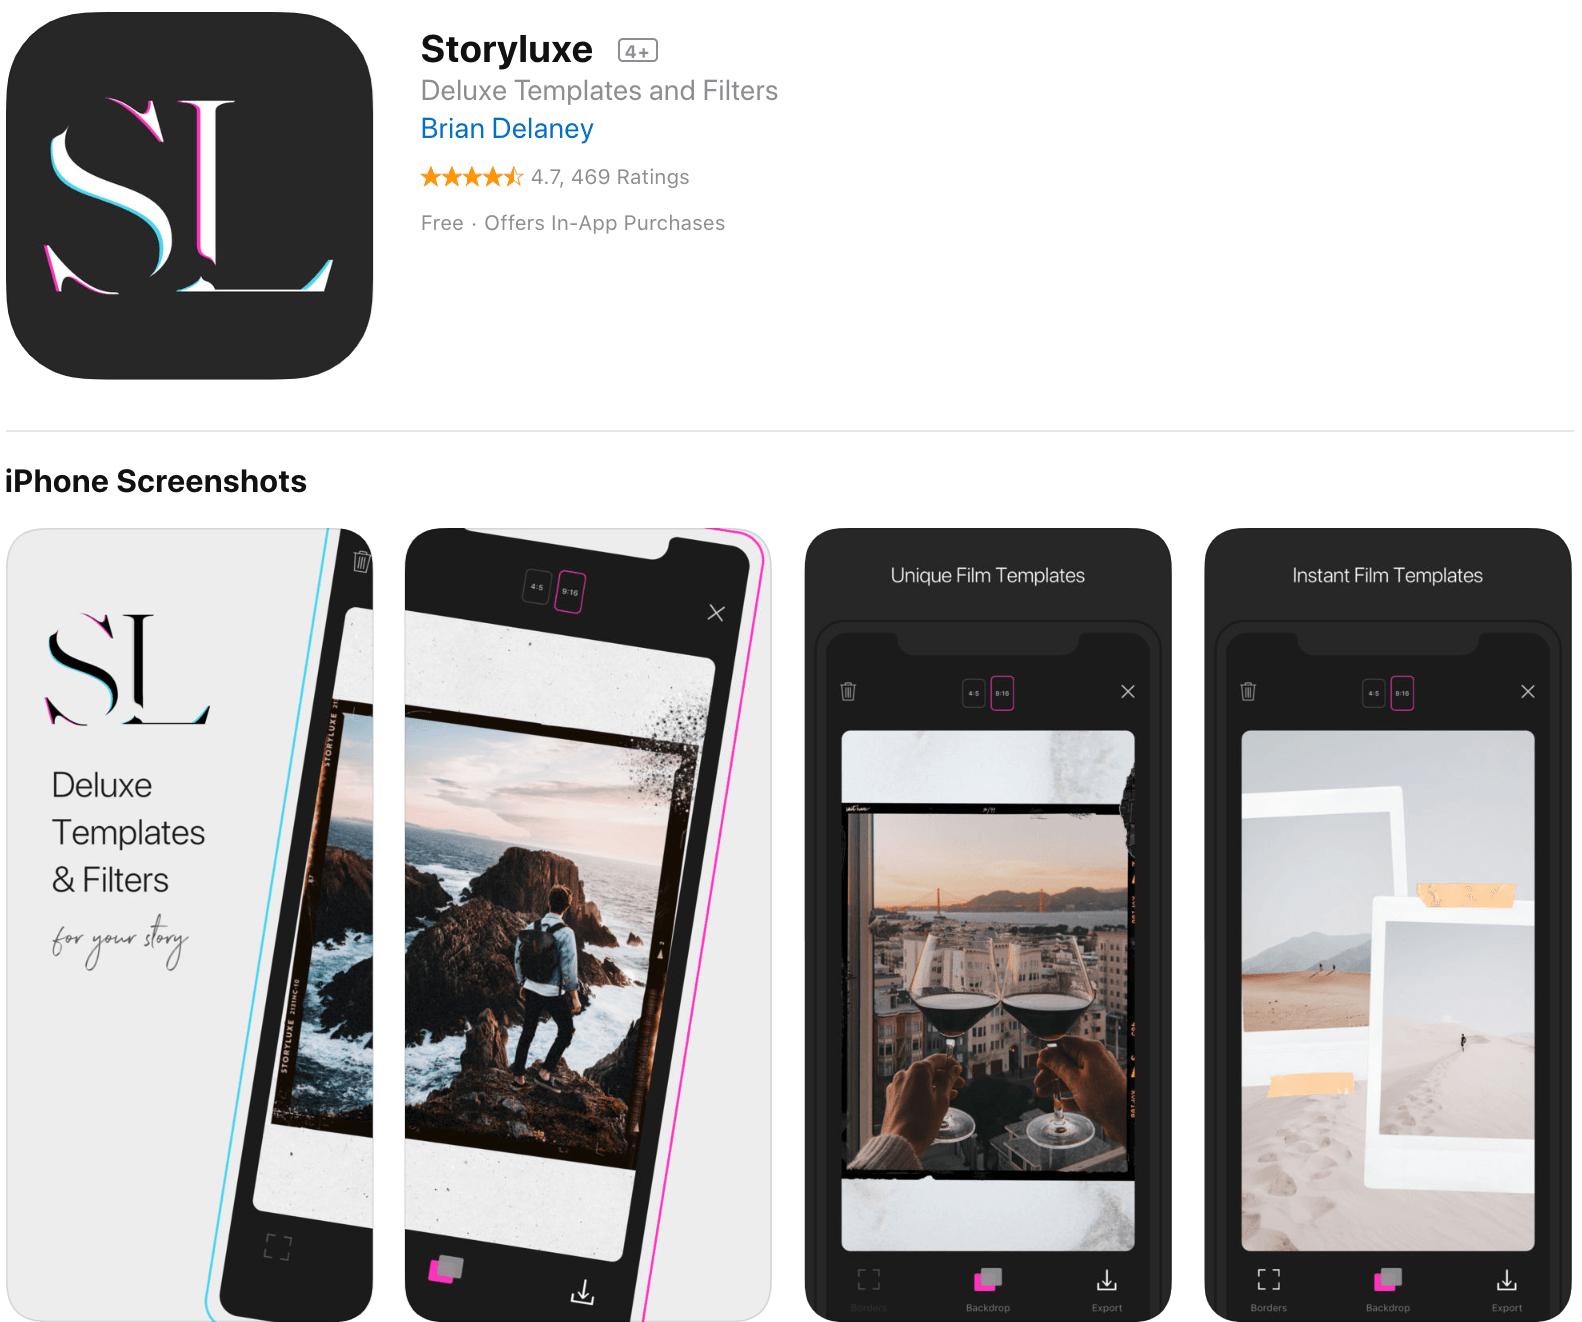 StoryLuxe